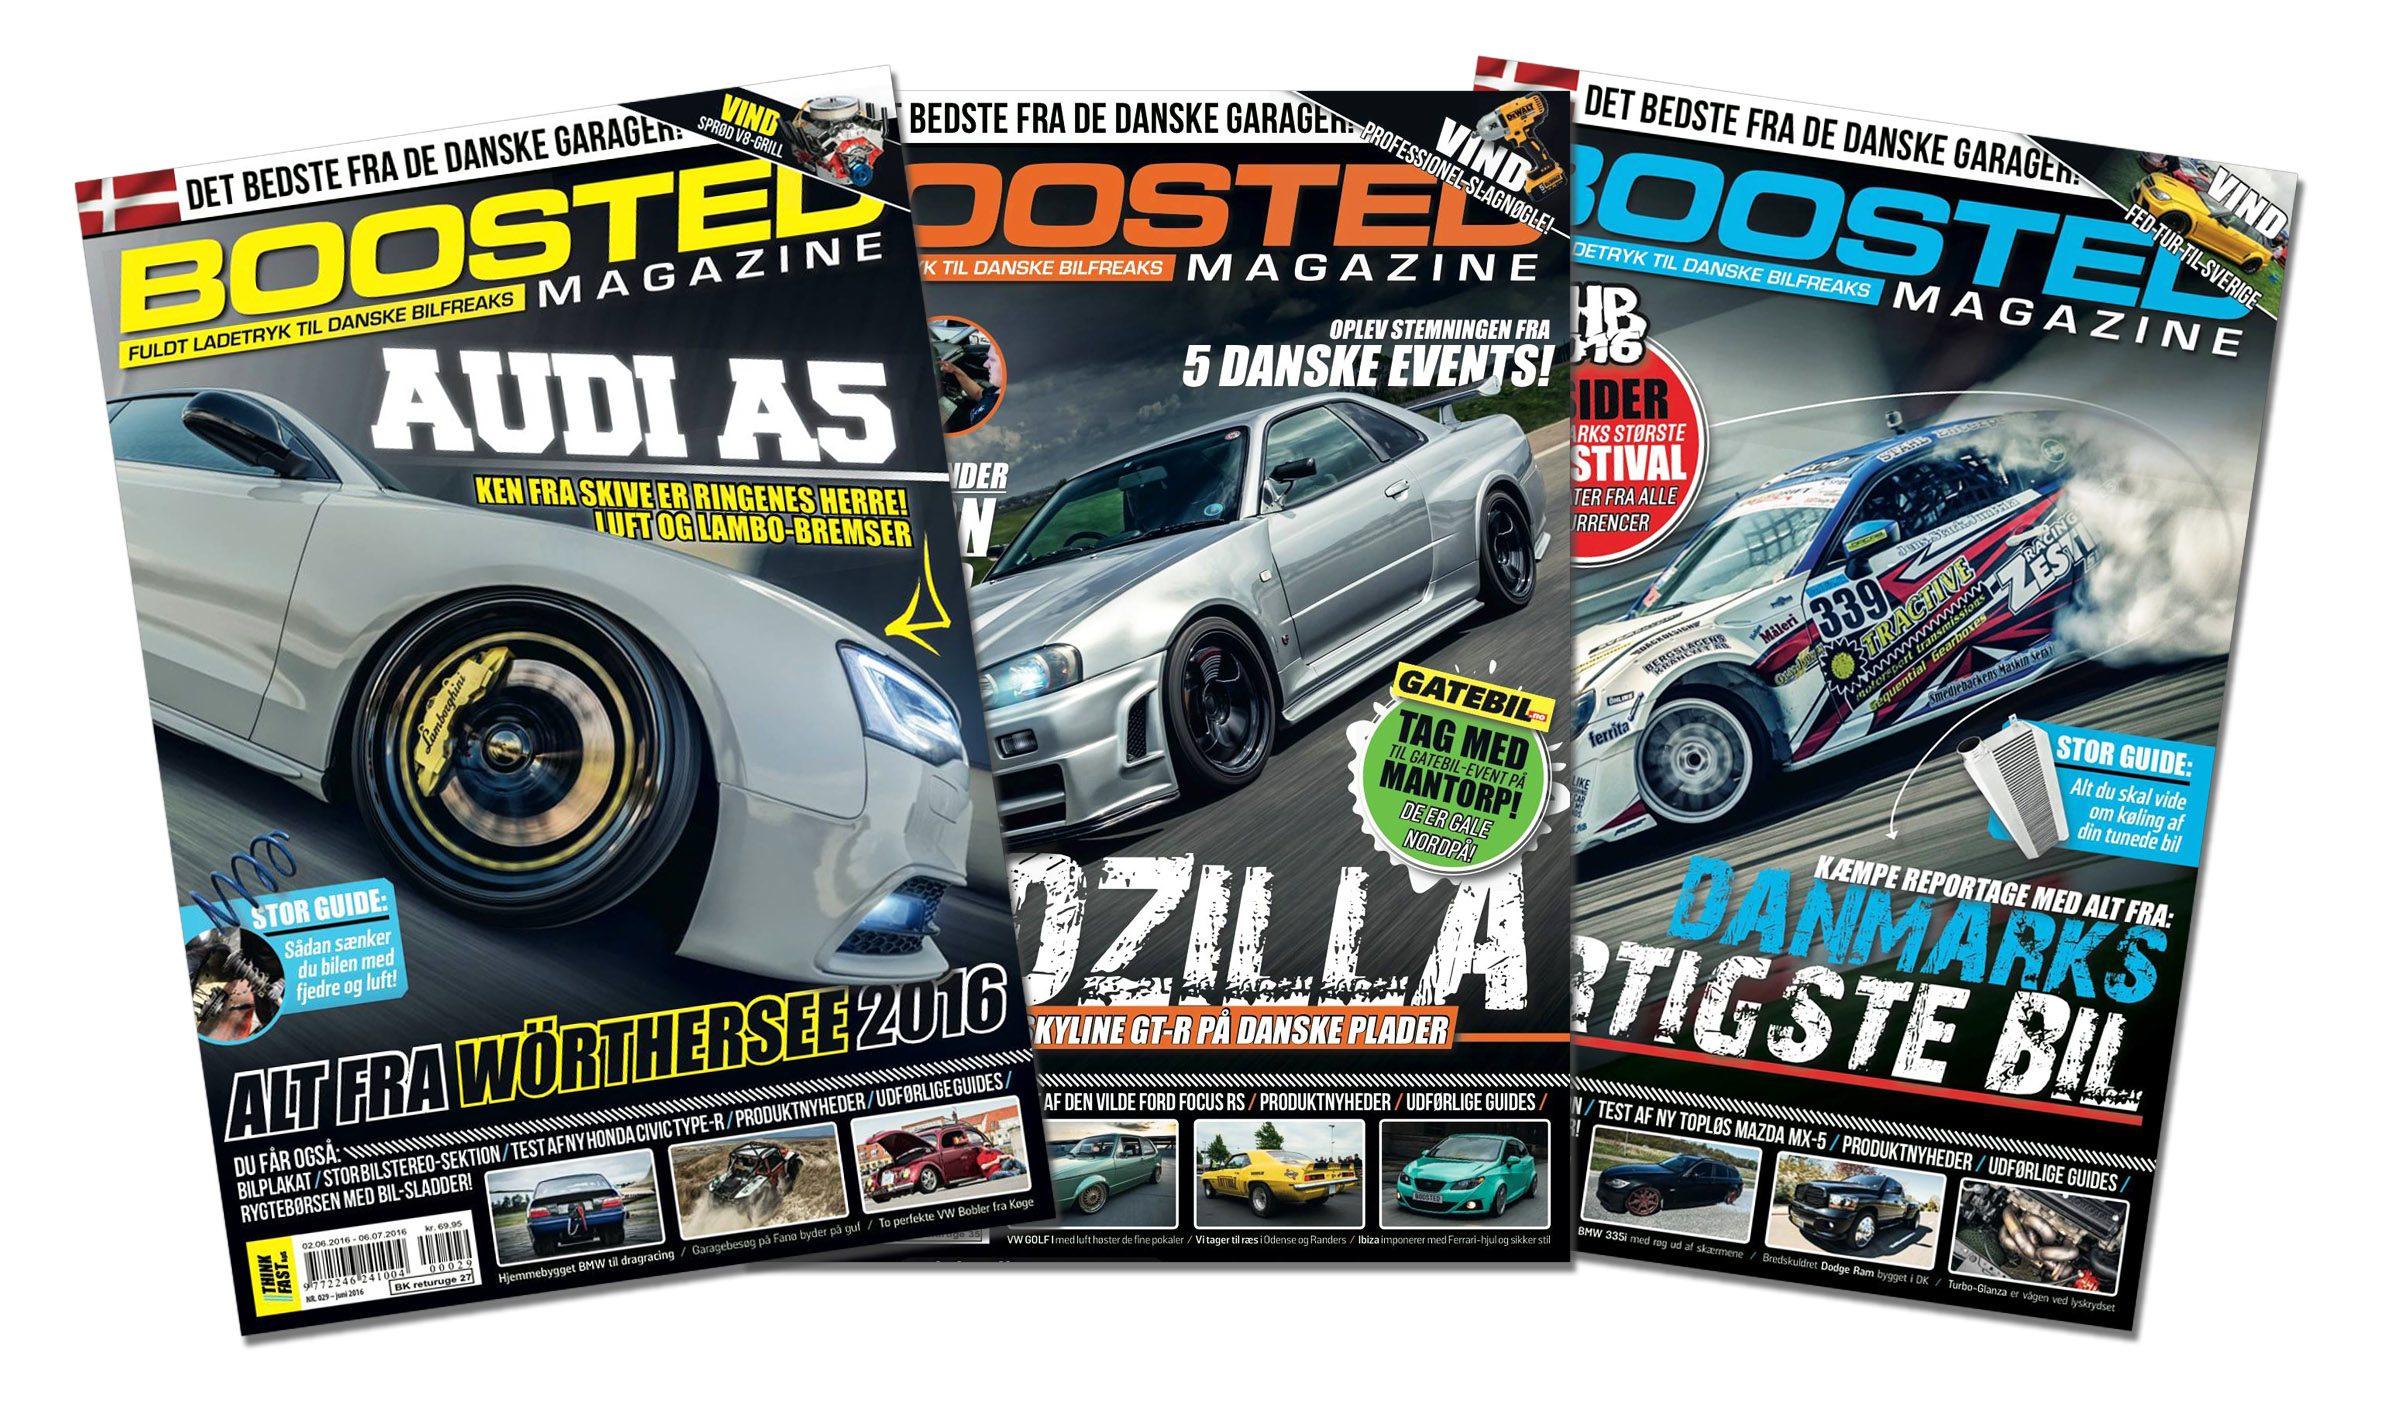 Oplev masser af biler fra Boosted Magazine.